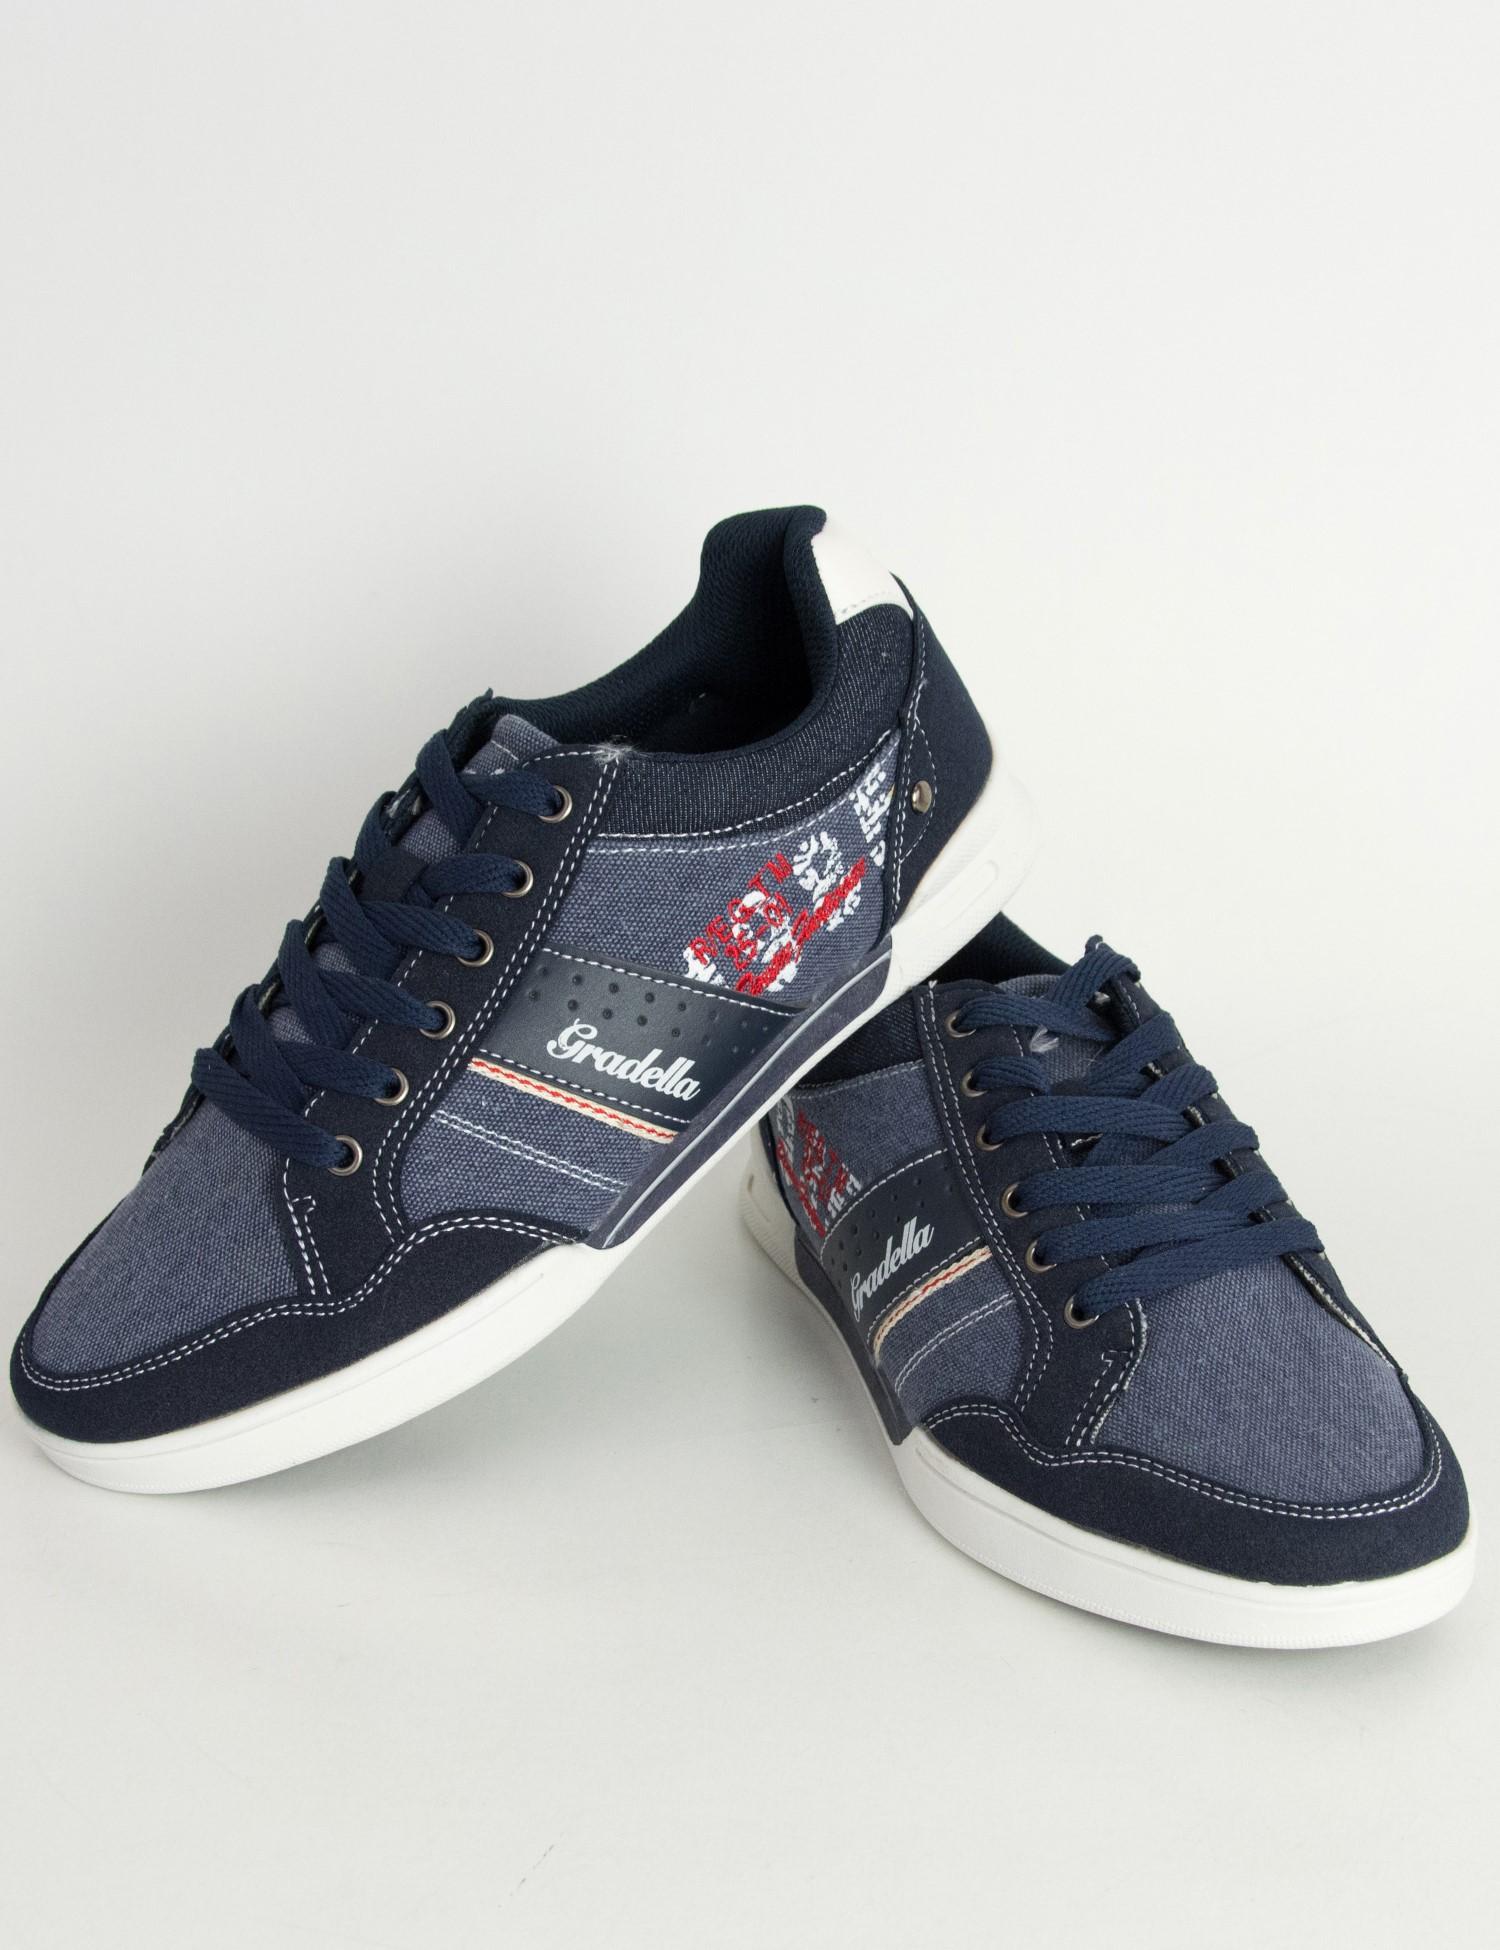 Ανδρικά Casual παπούτσια μπλε χαμηλά κορδόνια K70422W 4fc938f7431